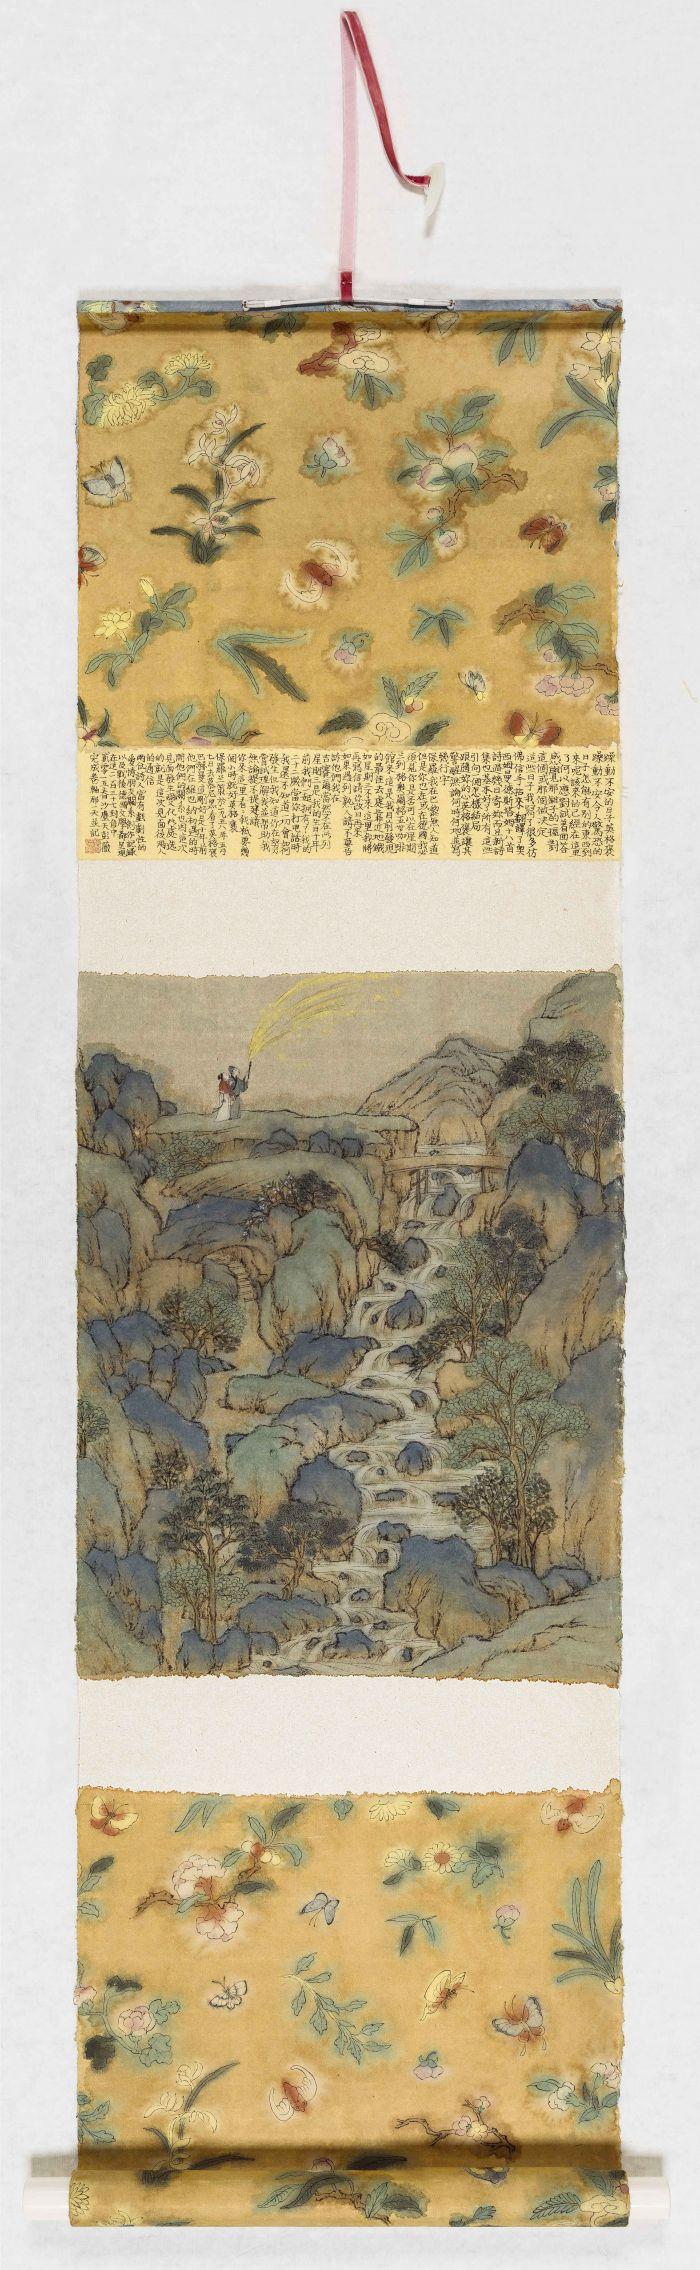 彭先诚语录 我画山水,不是在画水墨风景画,而是游山的散文诗.